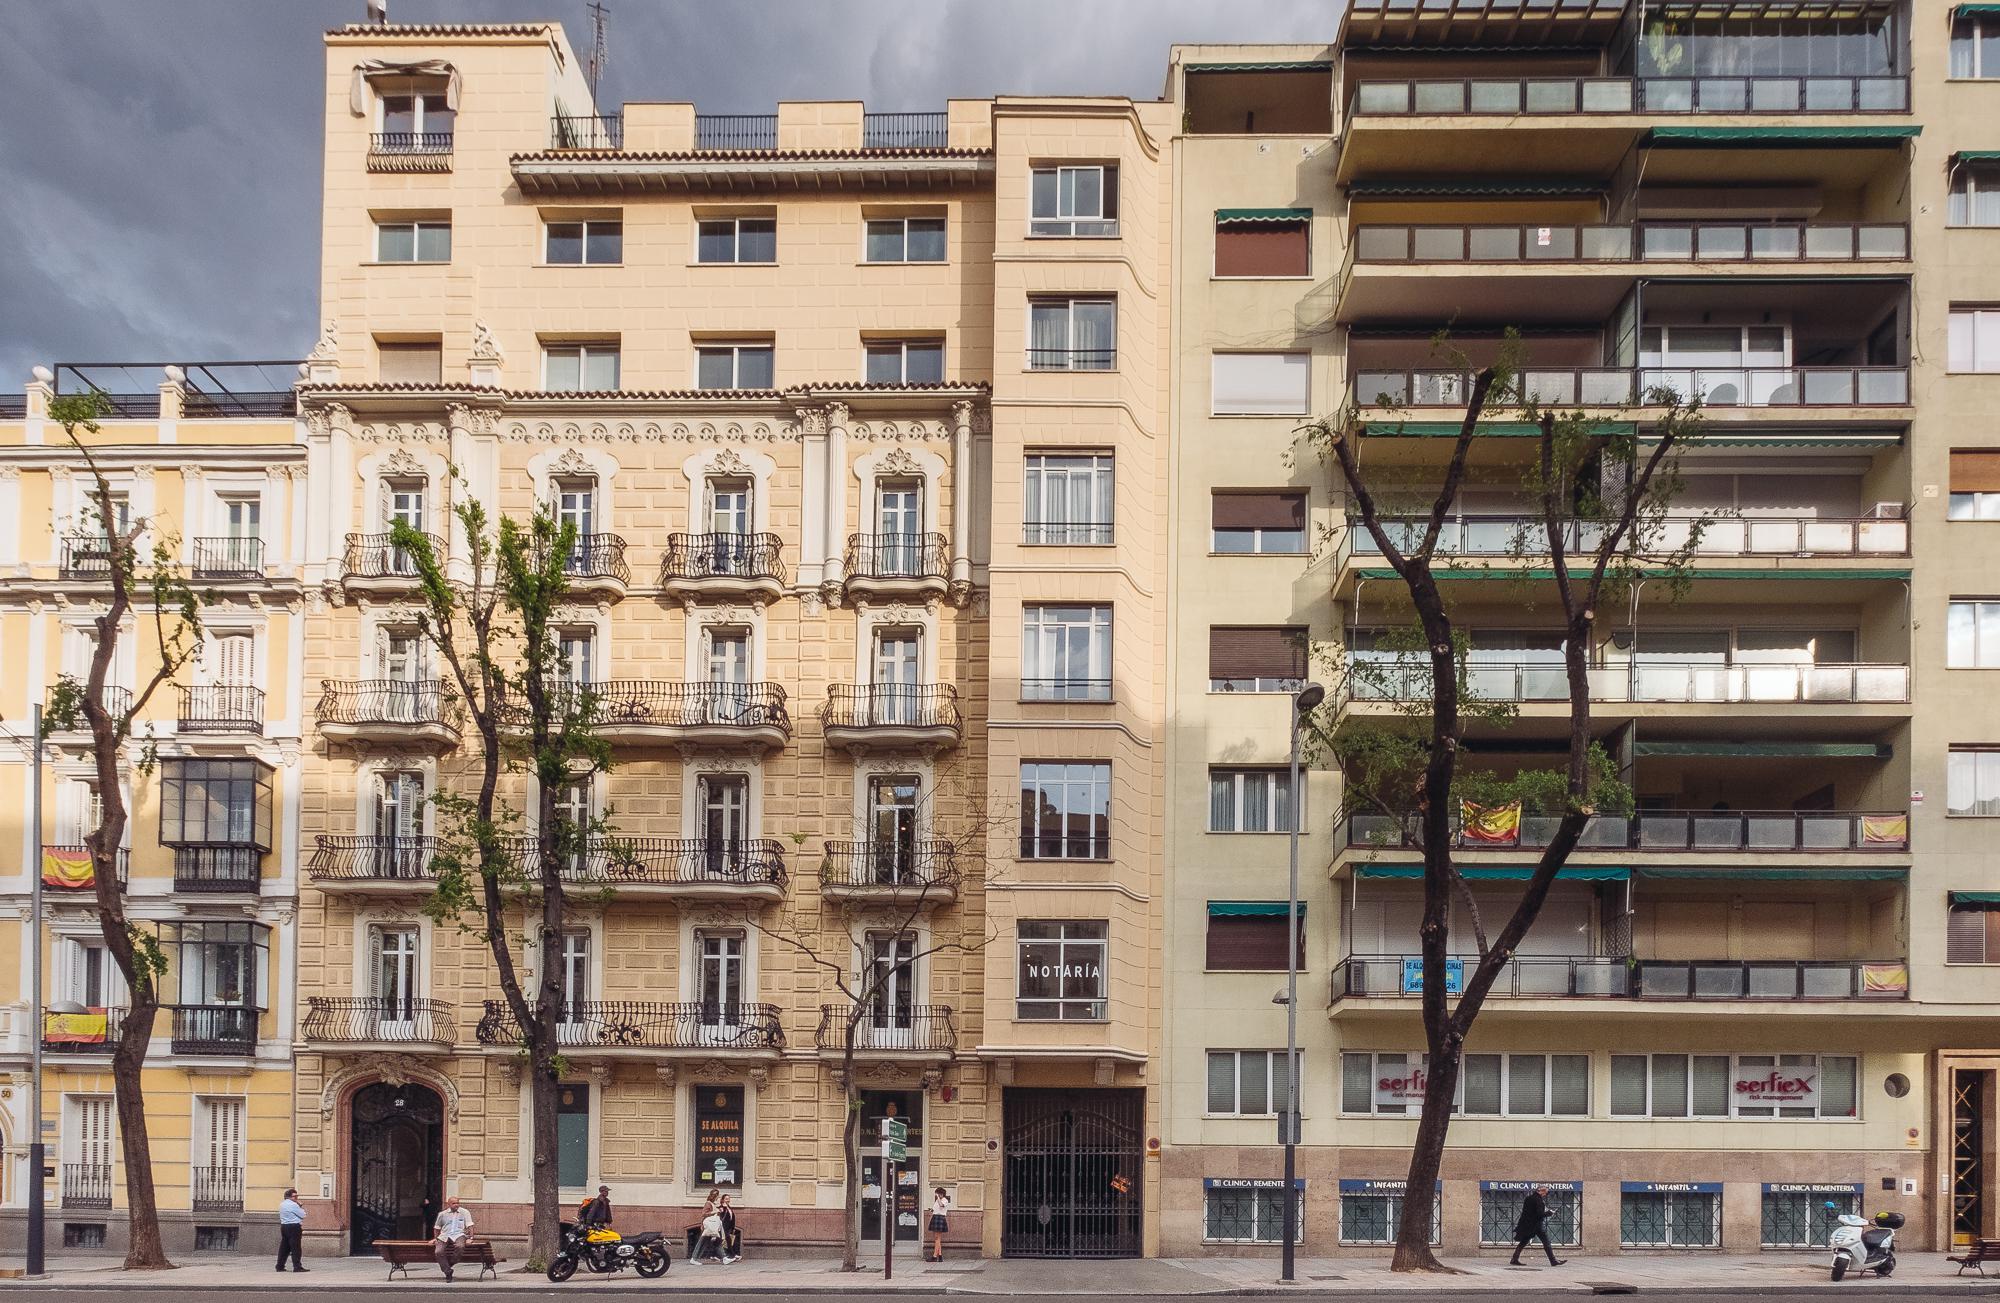 224552 - Calle Almagro-Rubén Darío